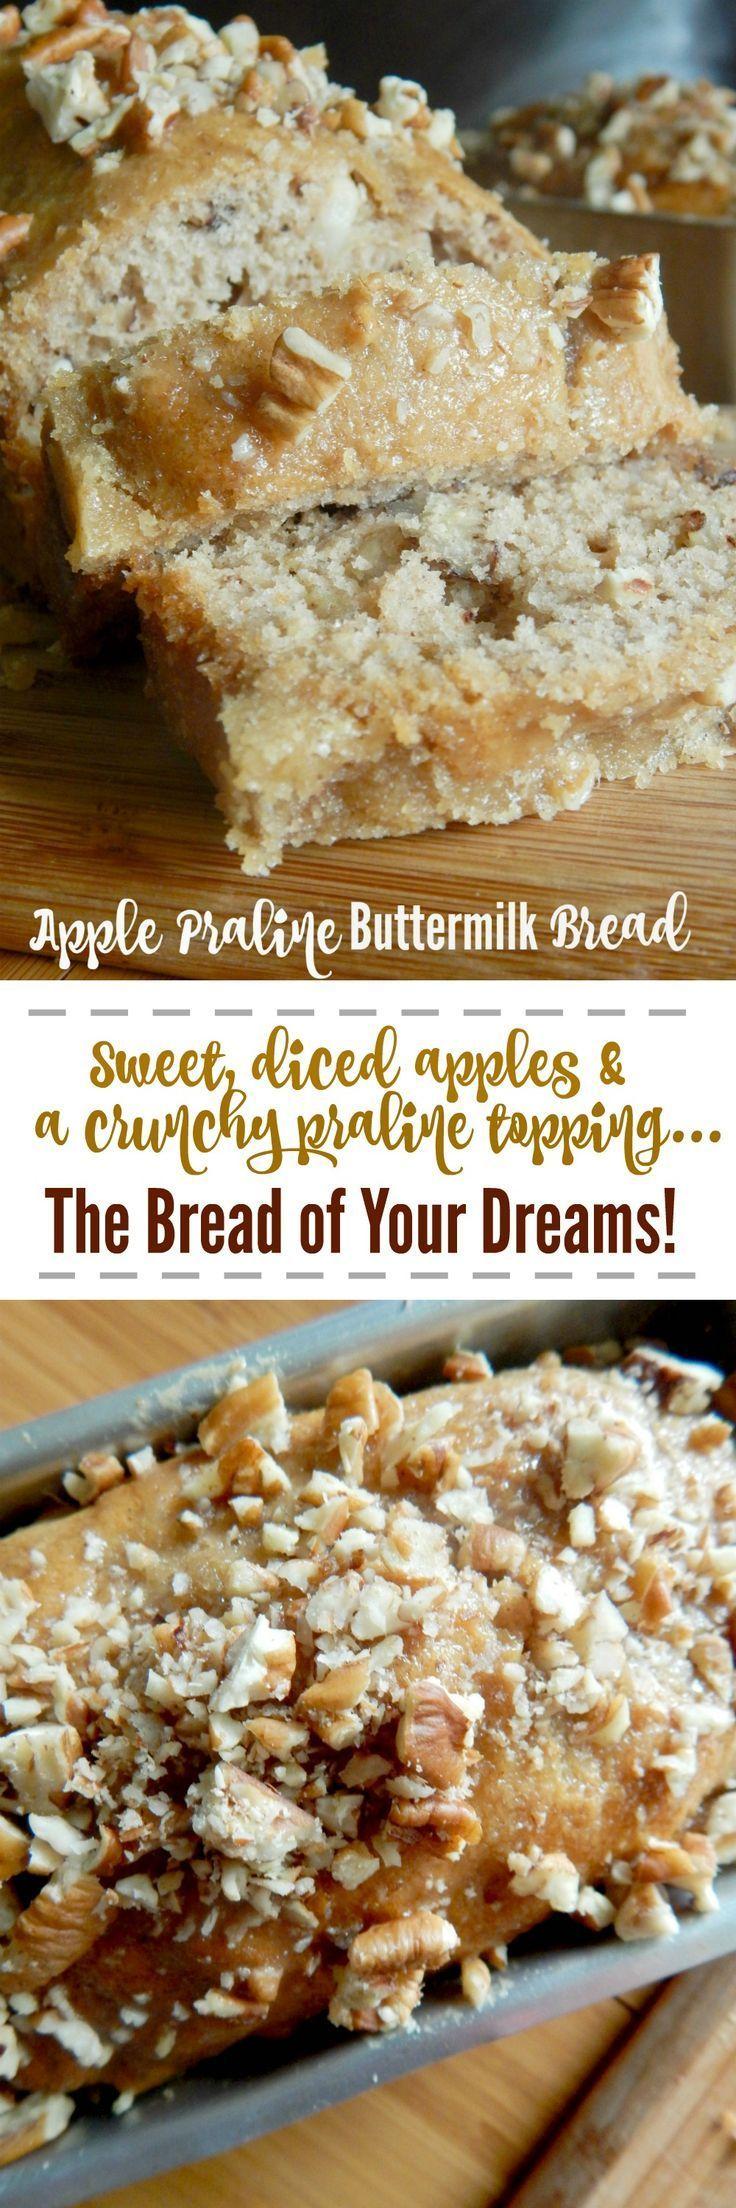 Apple Praline Buttermilk Bread